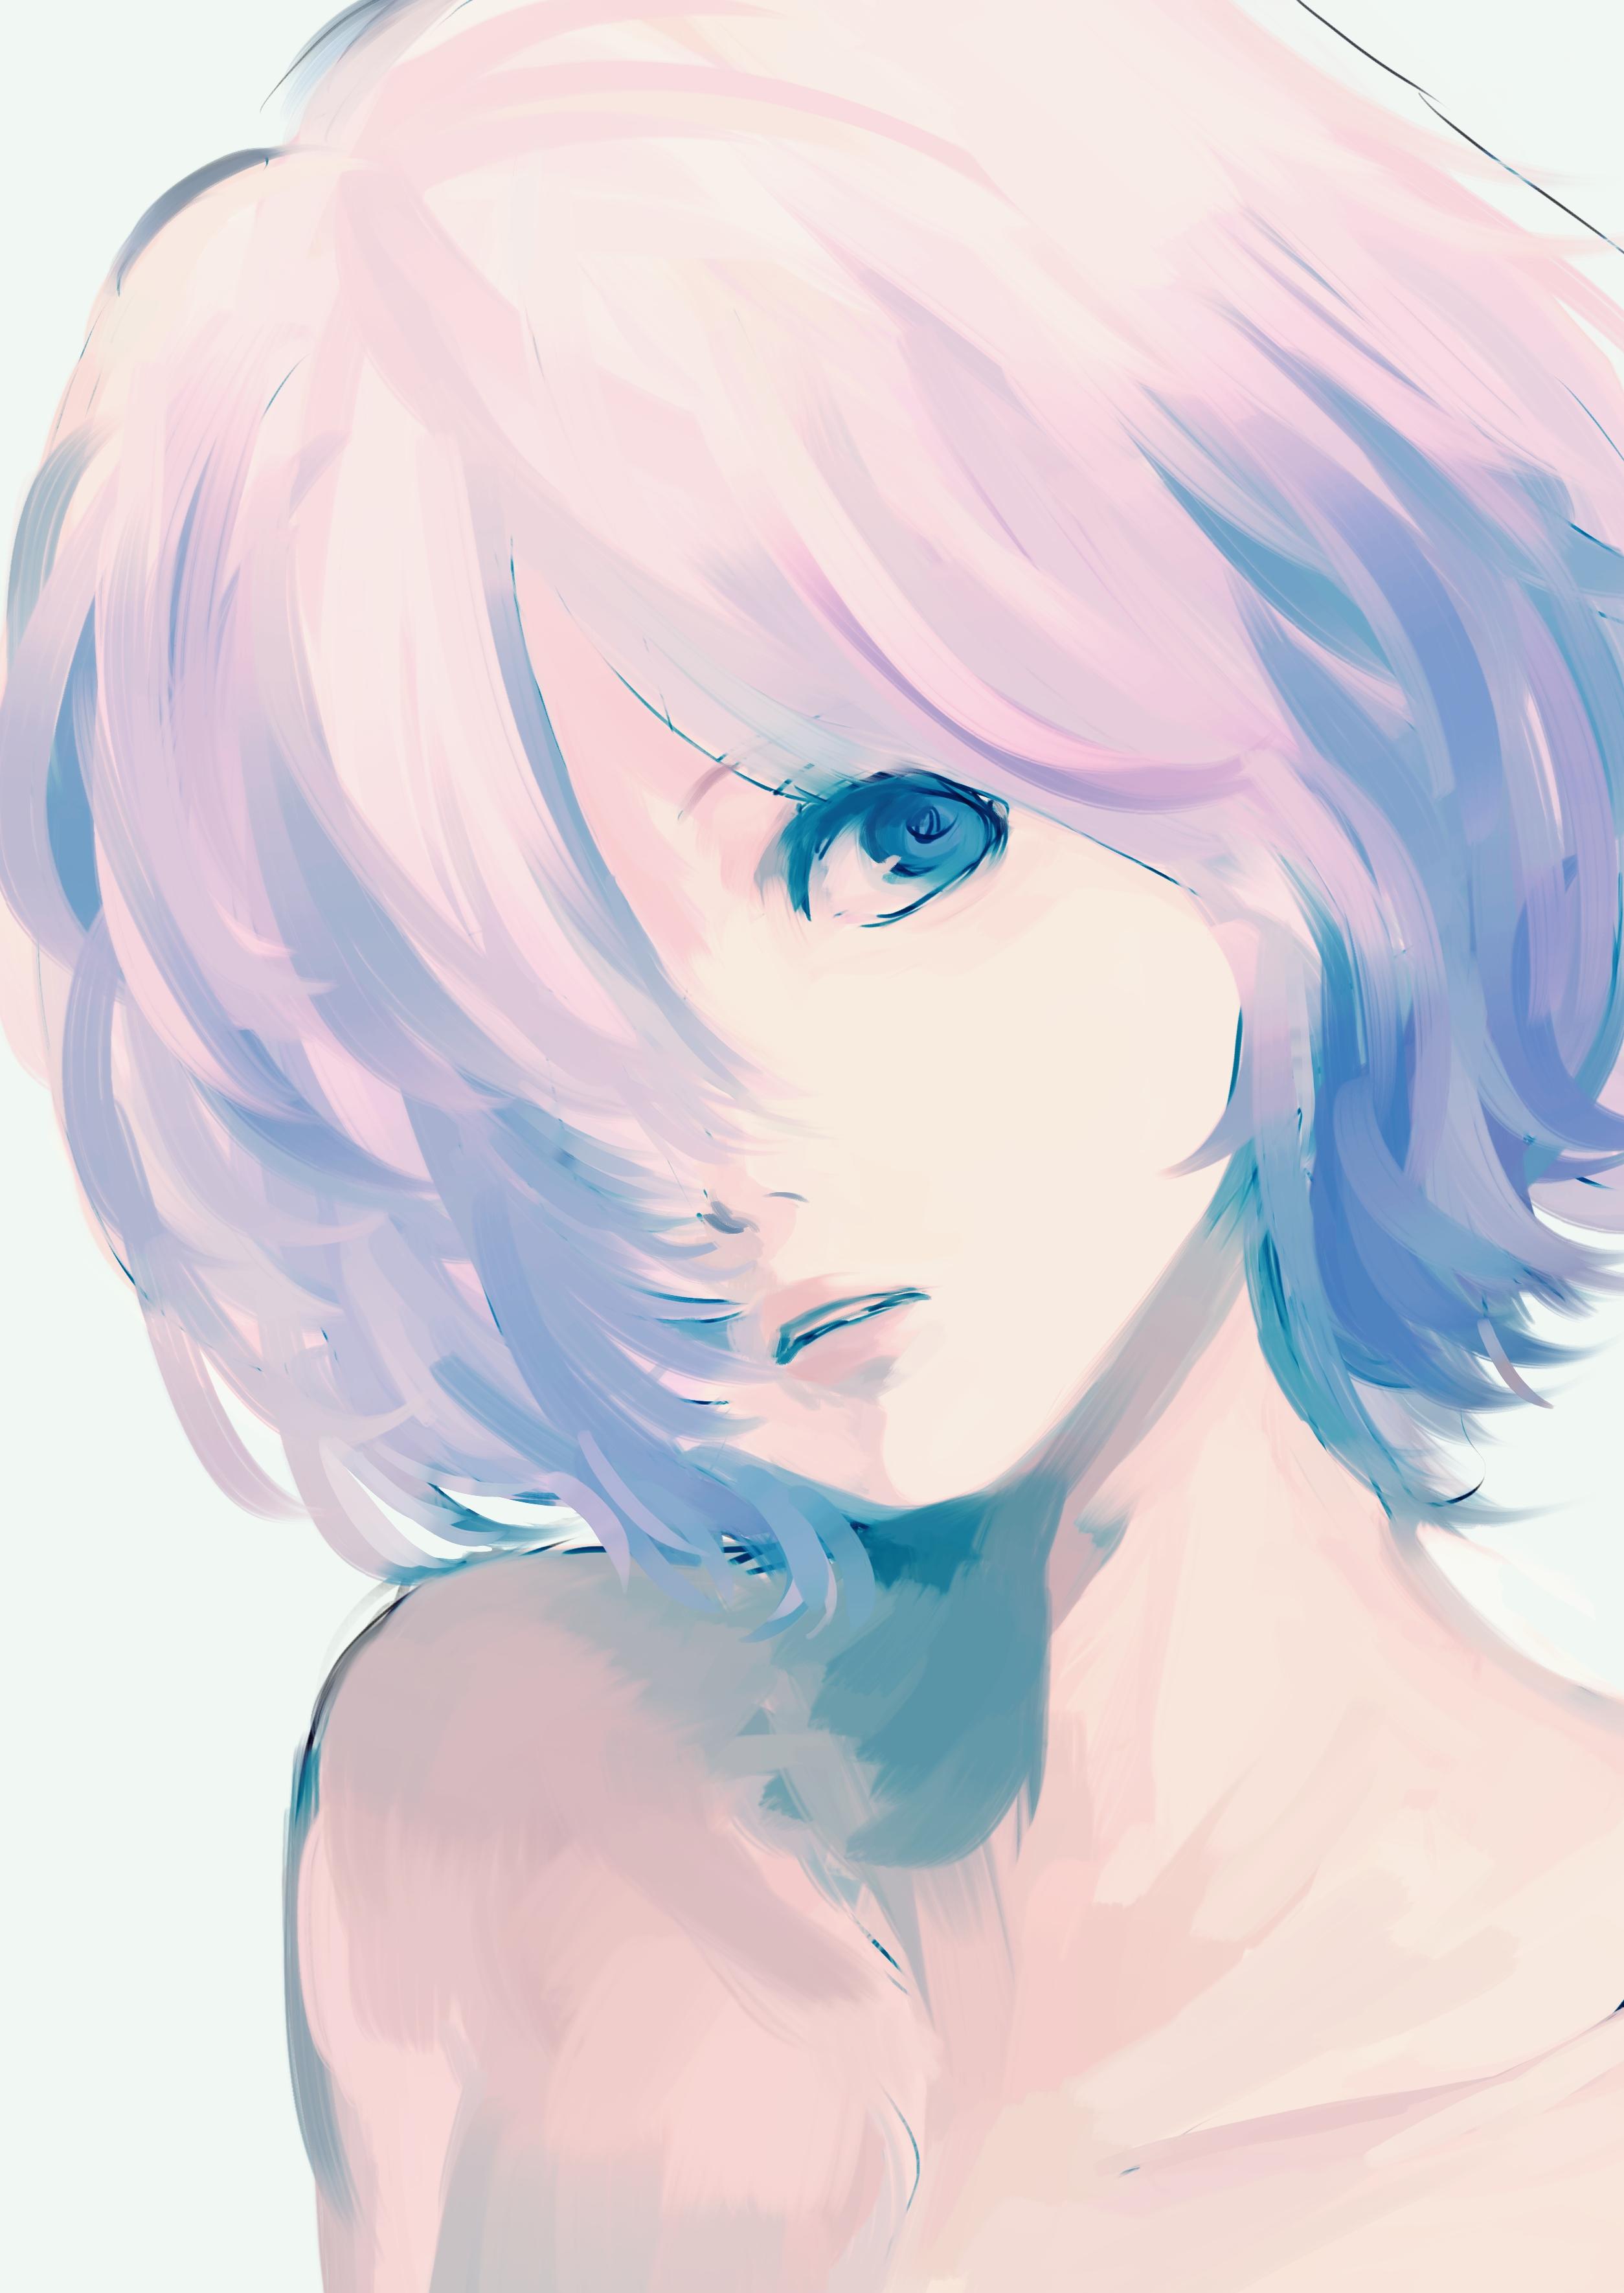 Kirishima touka tokyo ghoul zerochan anime image board for Zerochan anime